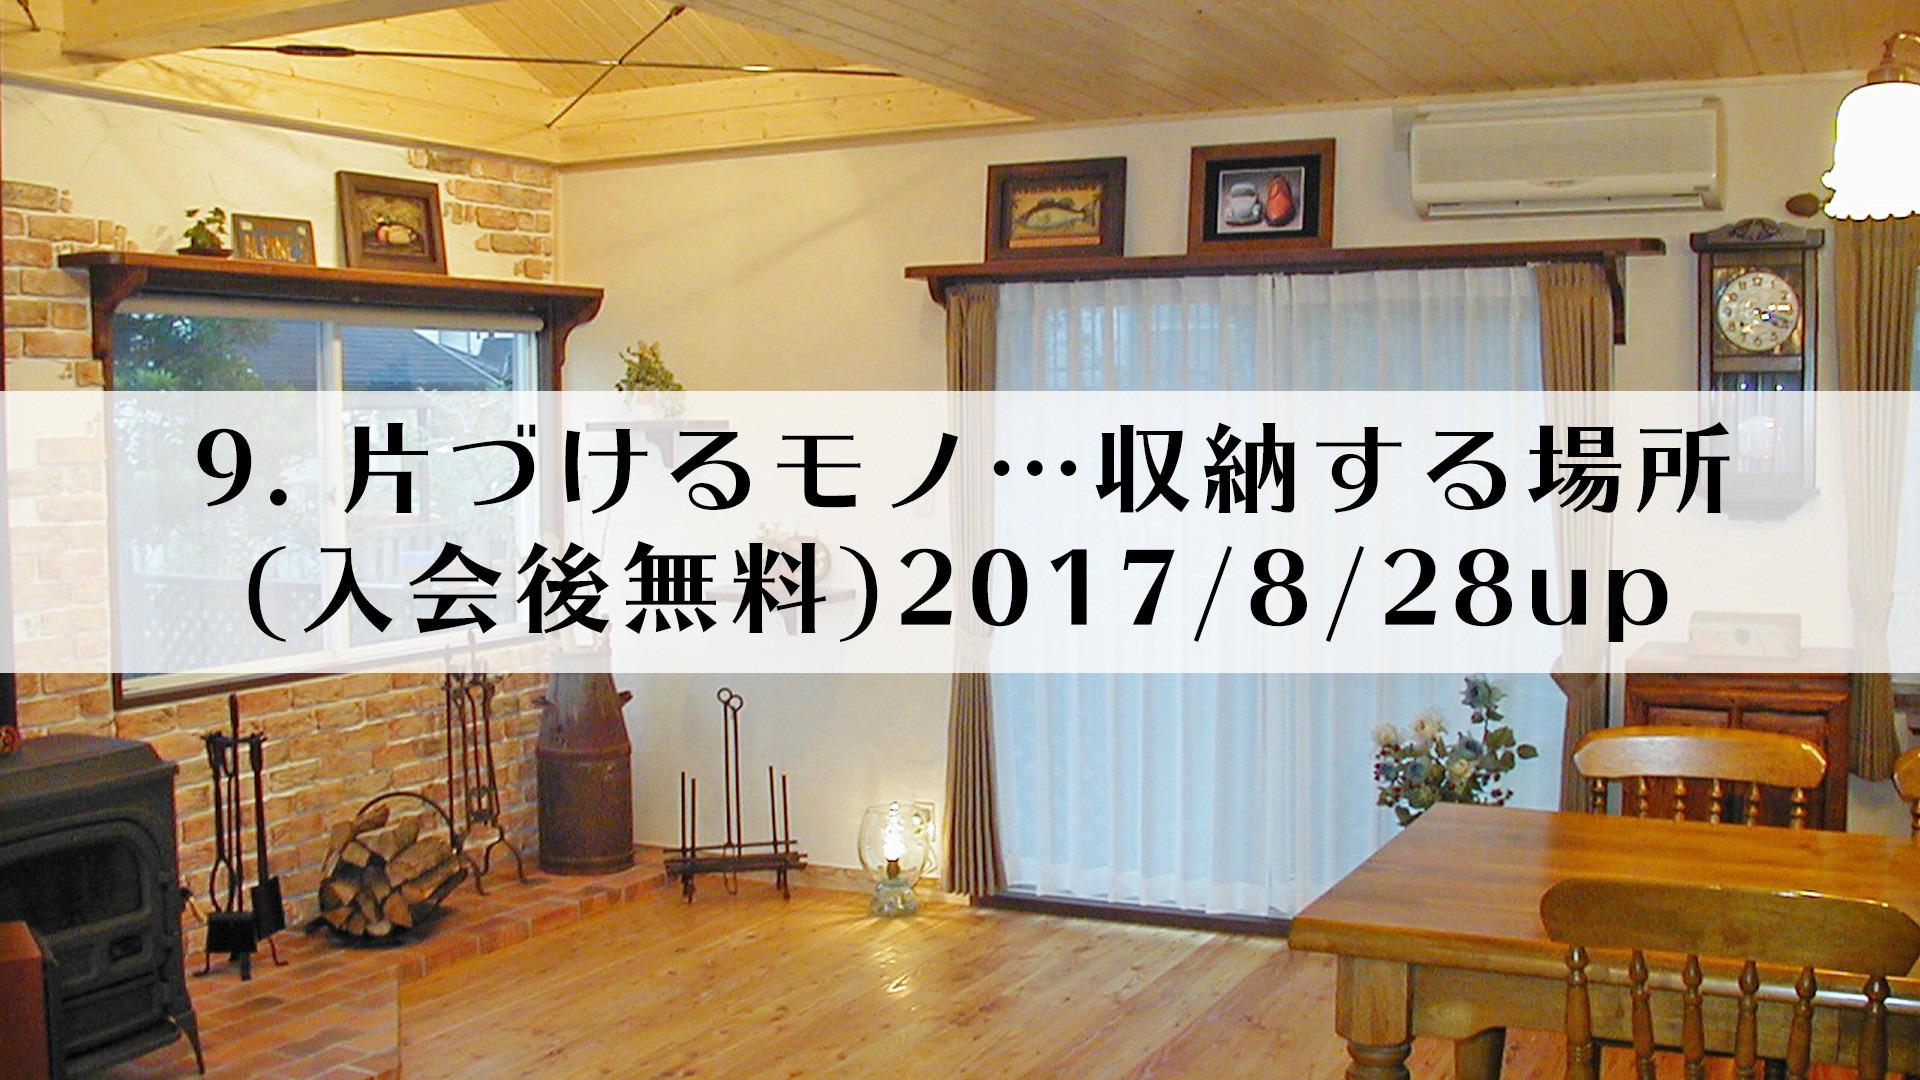 9.片づけるモノ…収納する場所(入会後無料)2017/8/28up